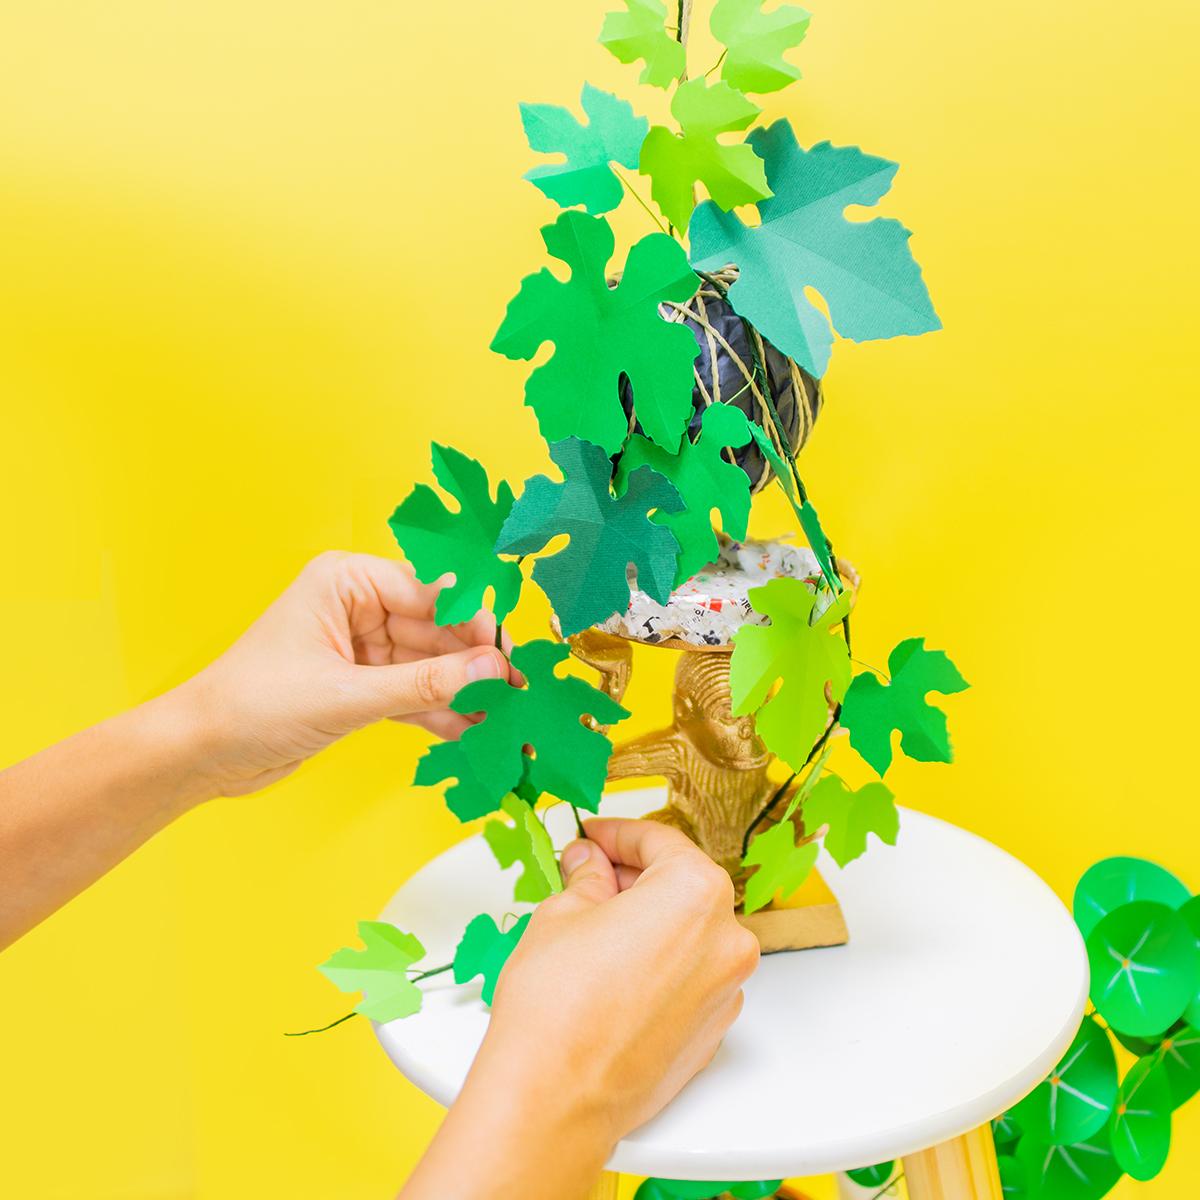 Jungla plantas de papel, detalle kokedama vid